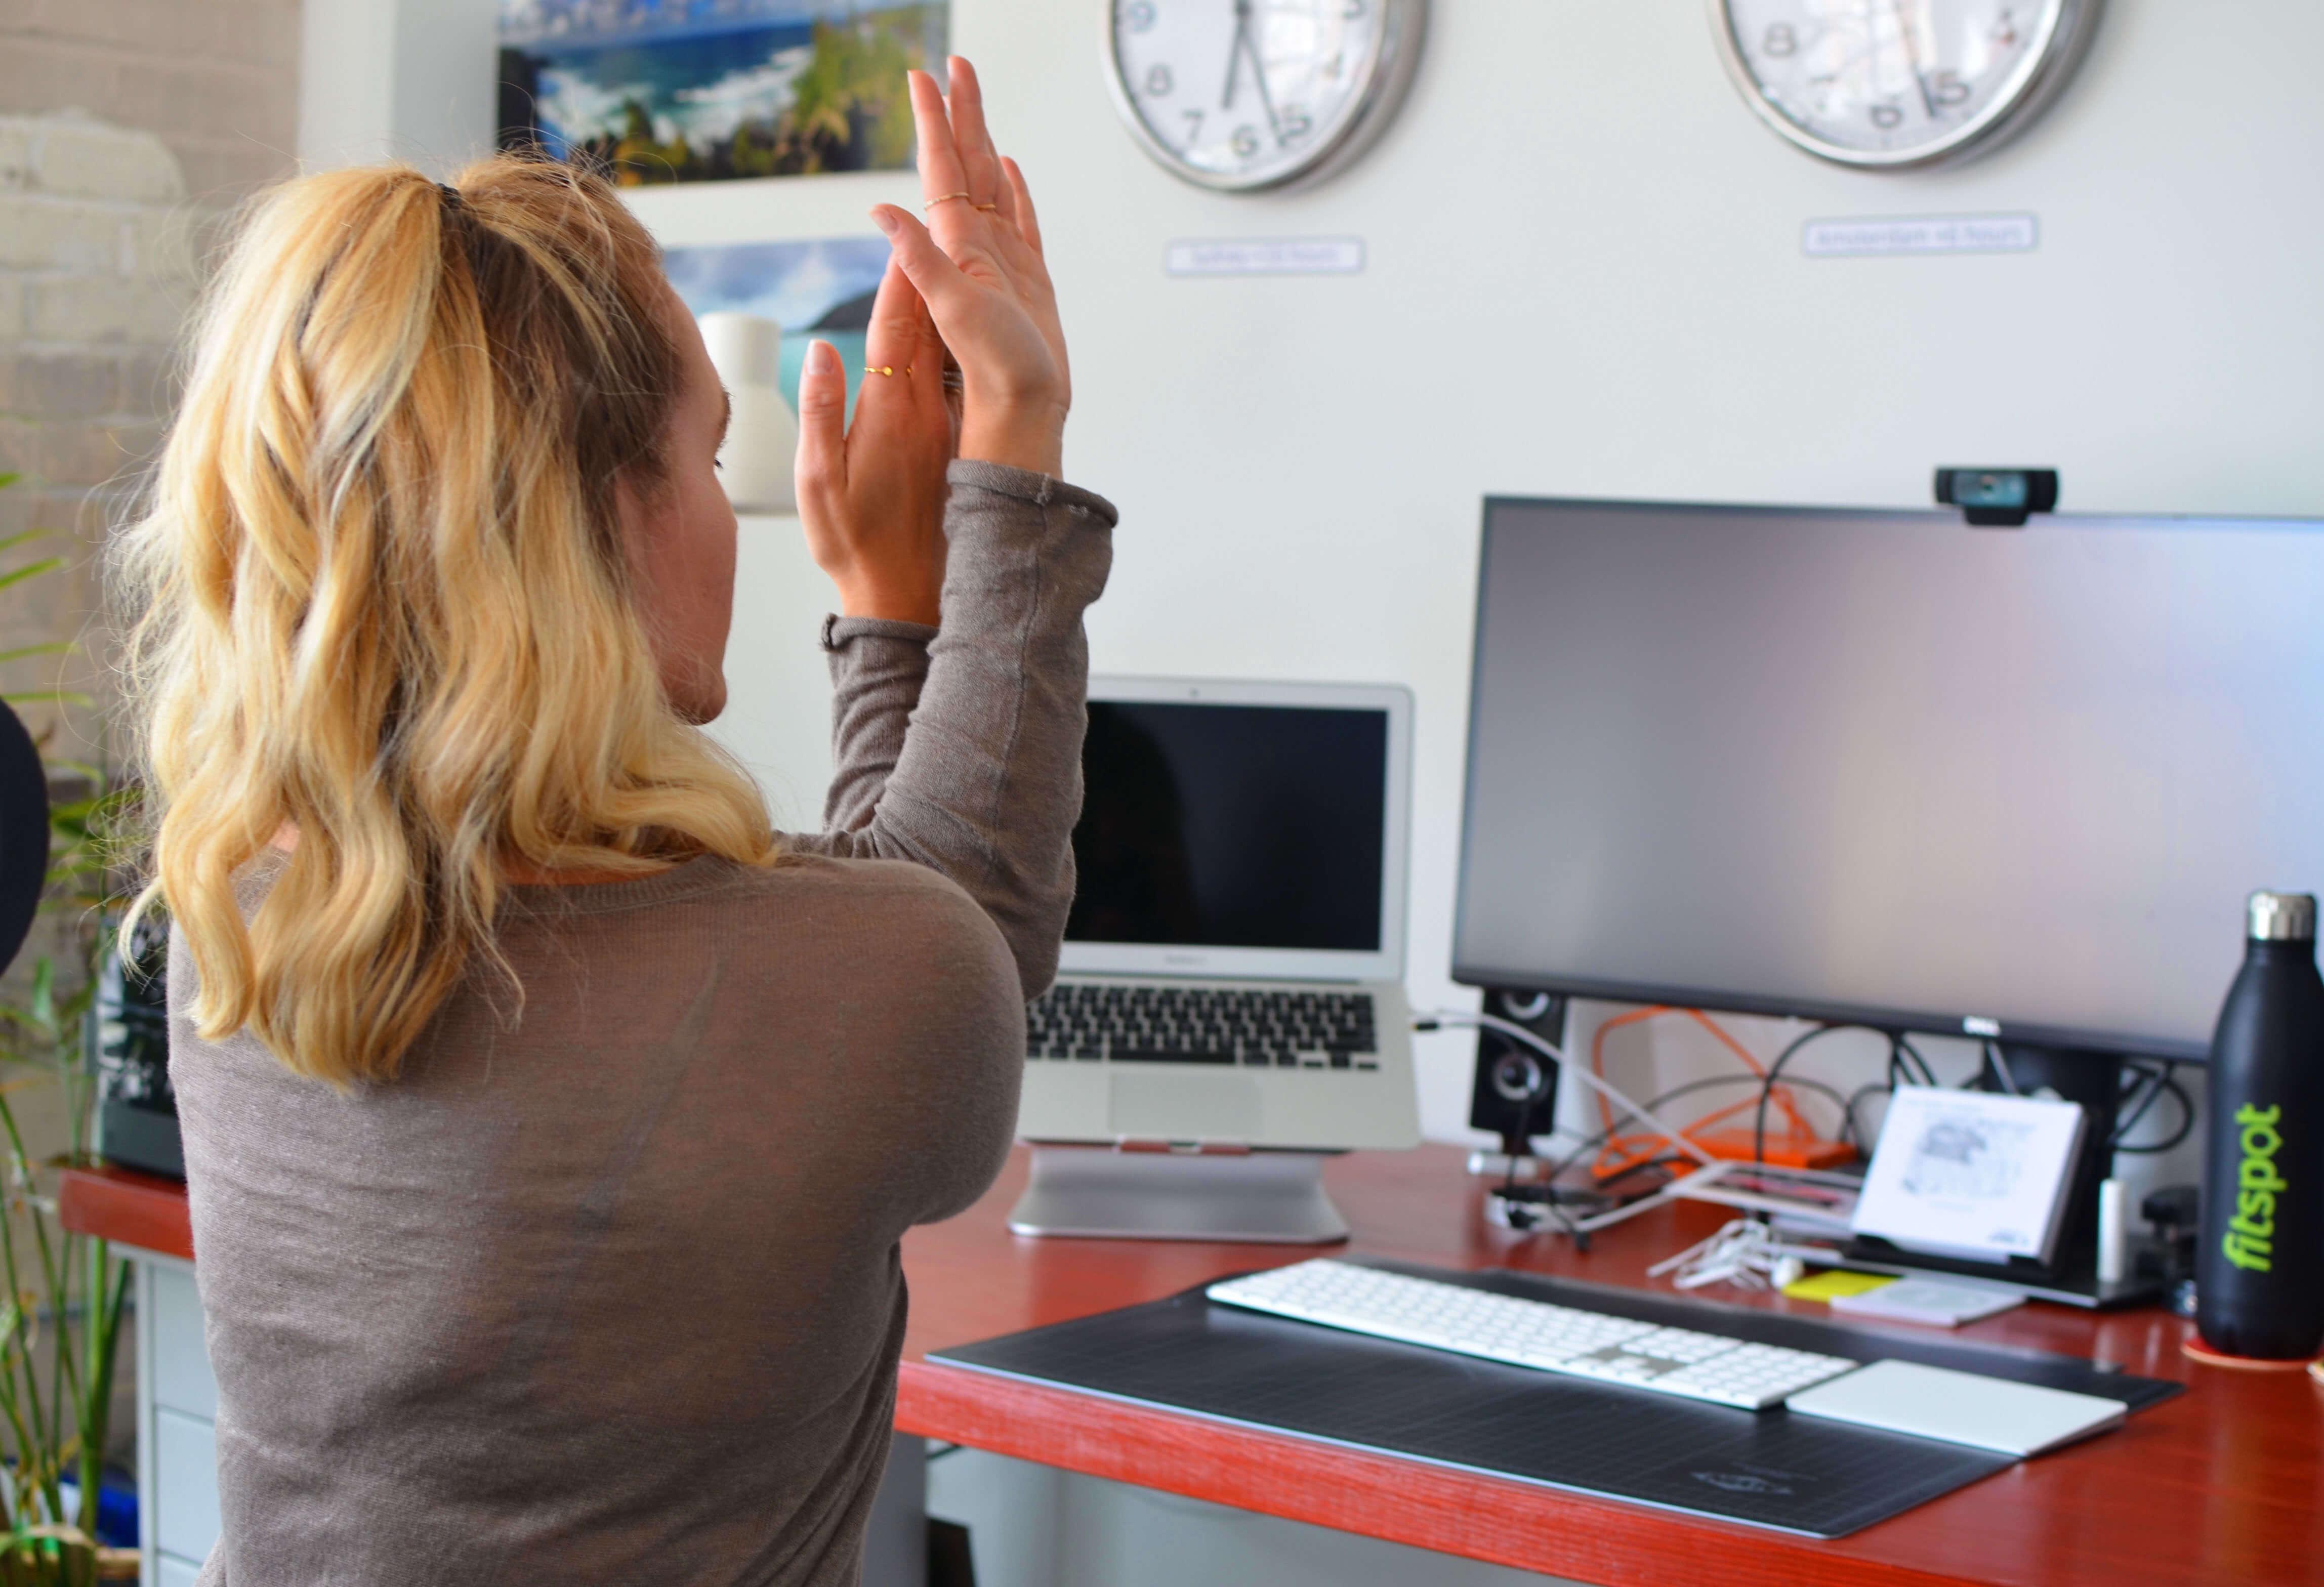 حرکات ورزشی ضروری برای کارمندان